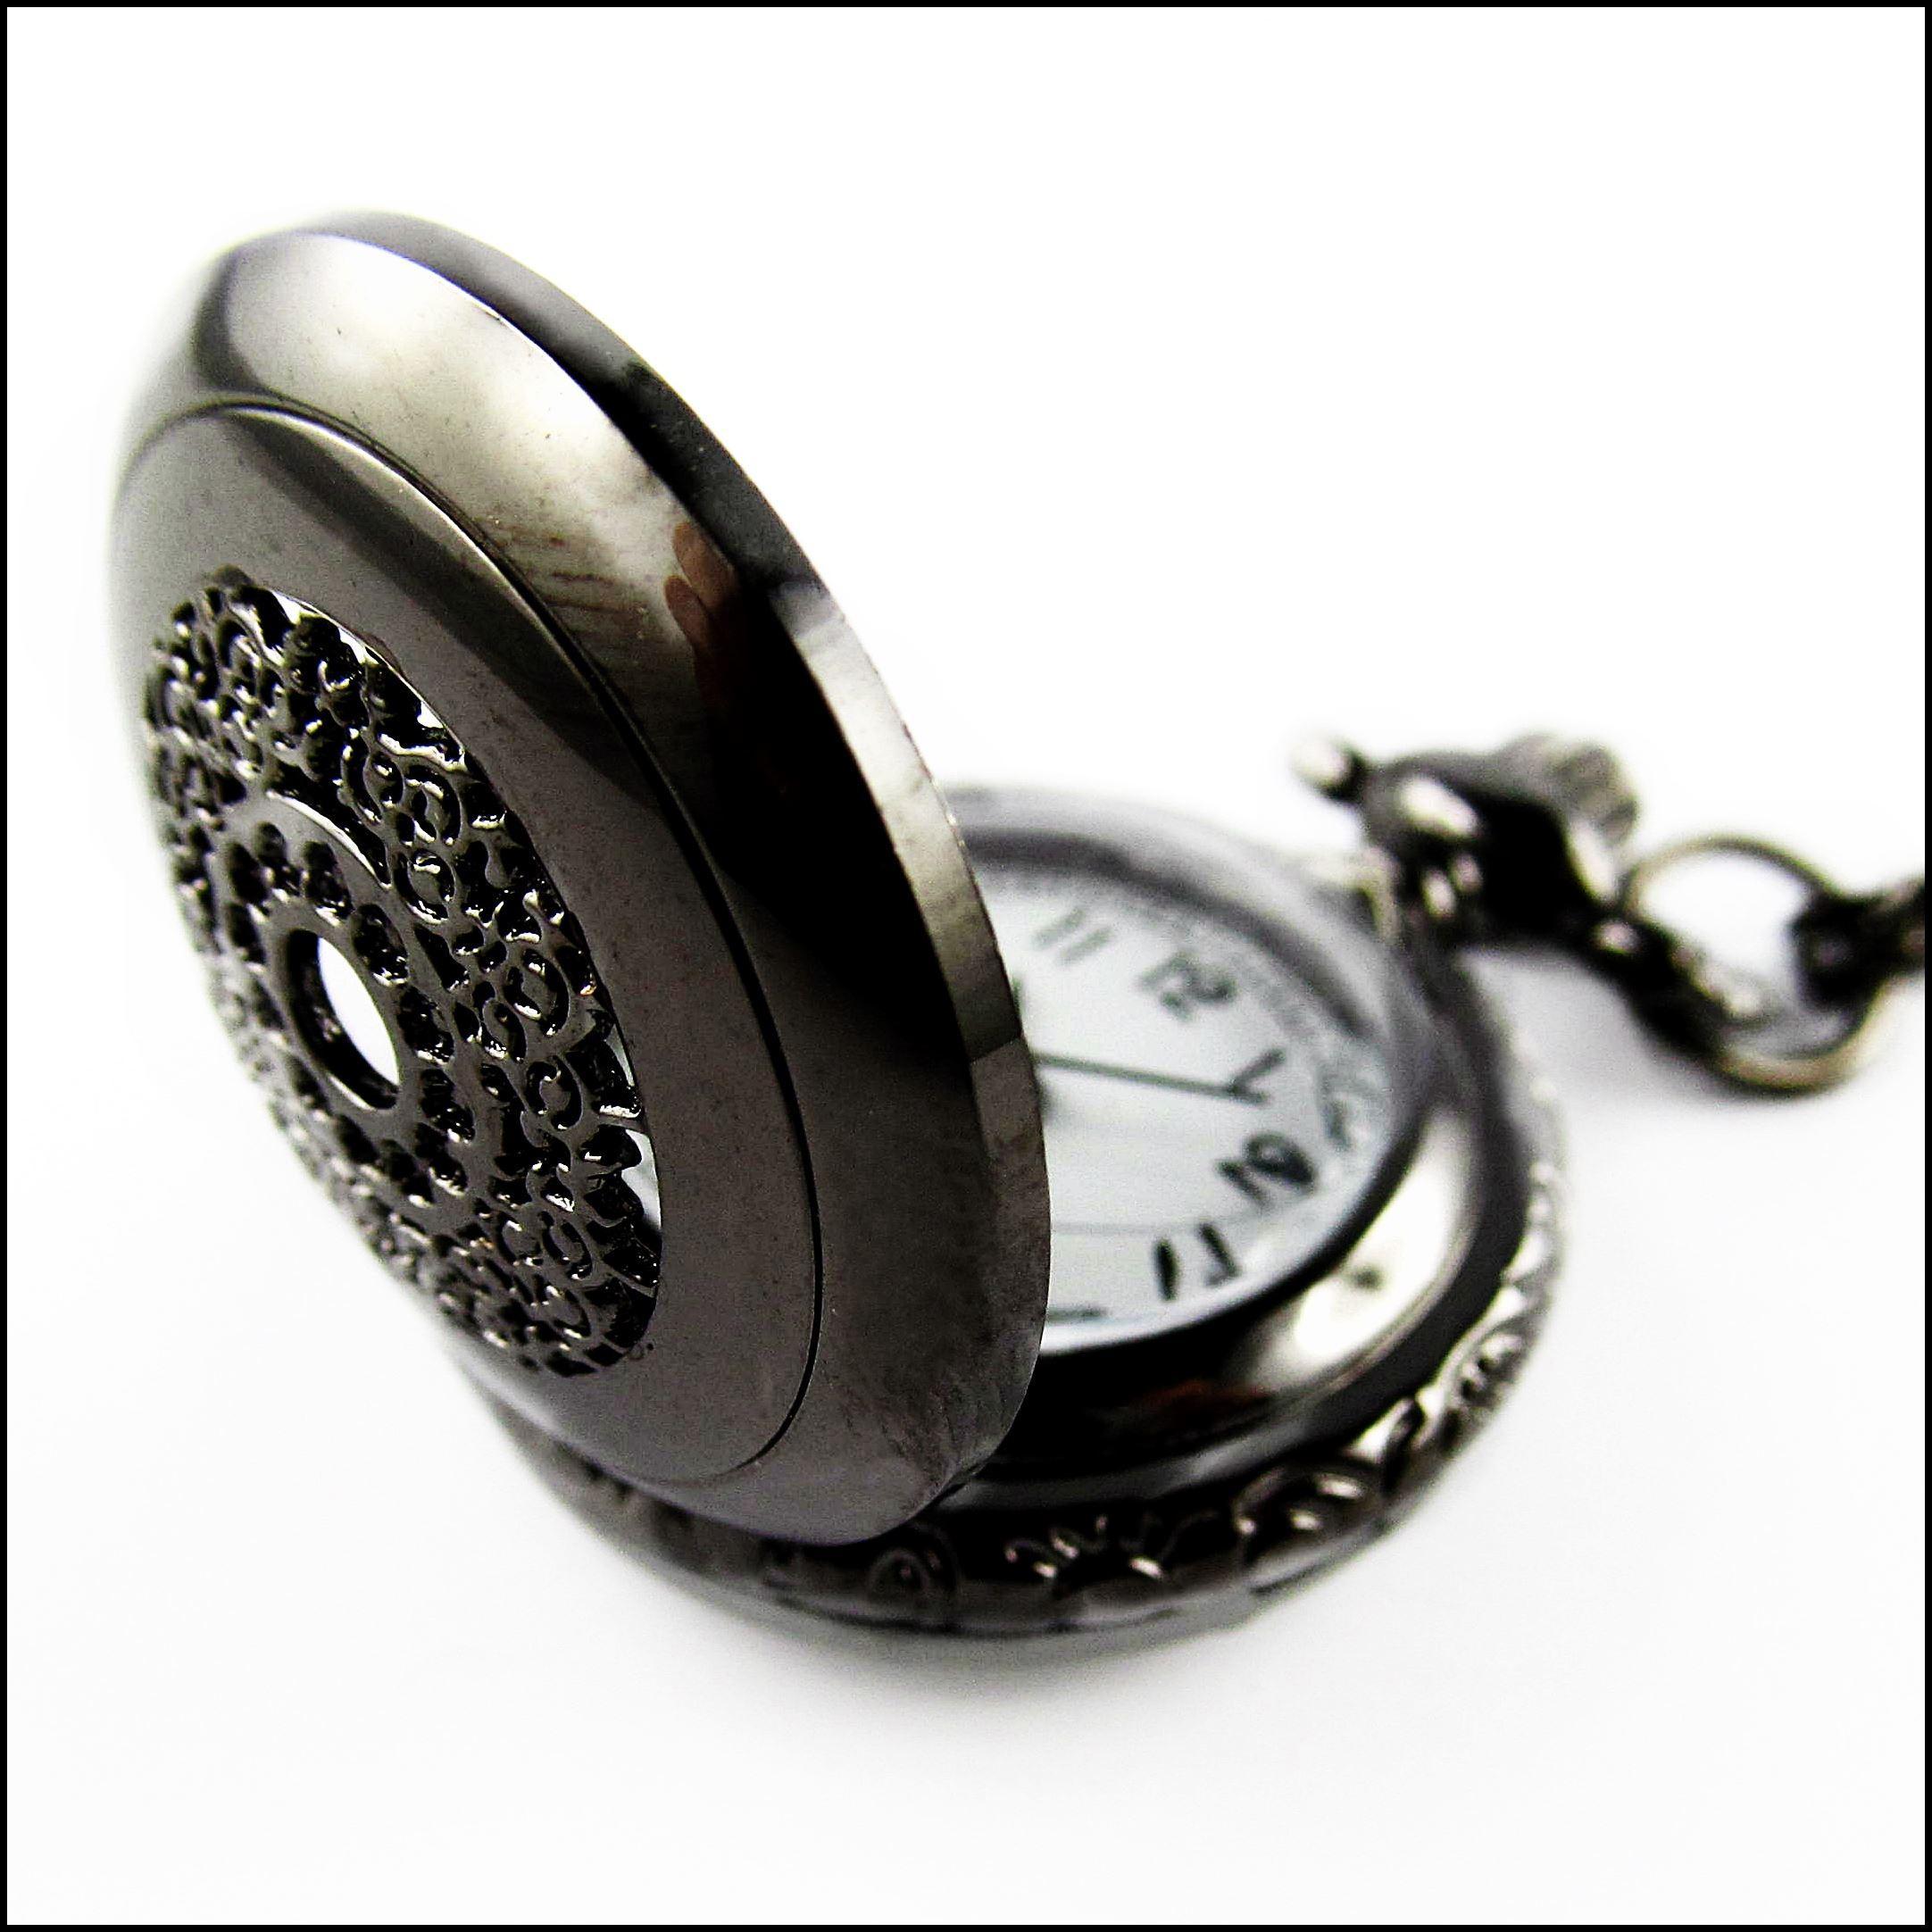 Black Beauty - Vintage Kettenuhr schwarz metallic